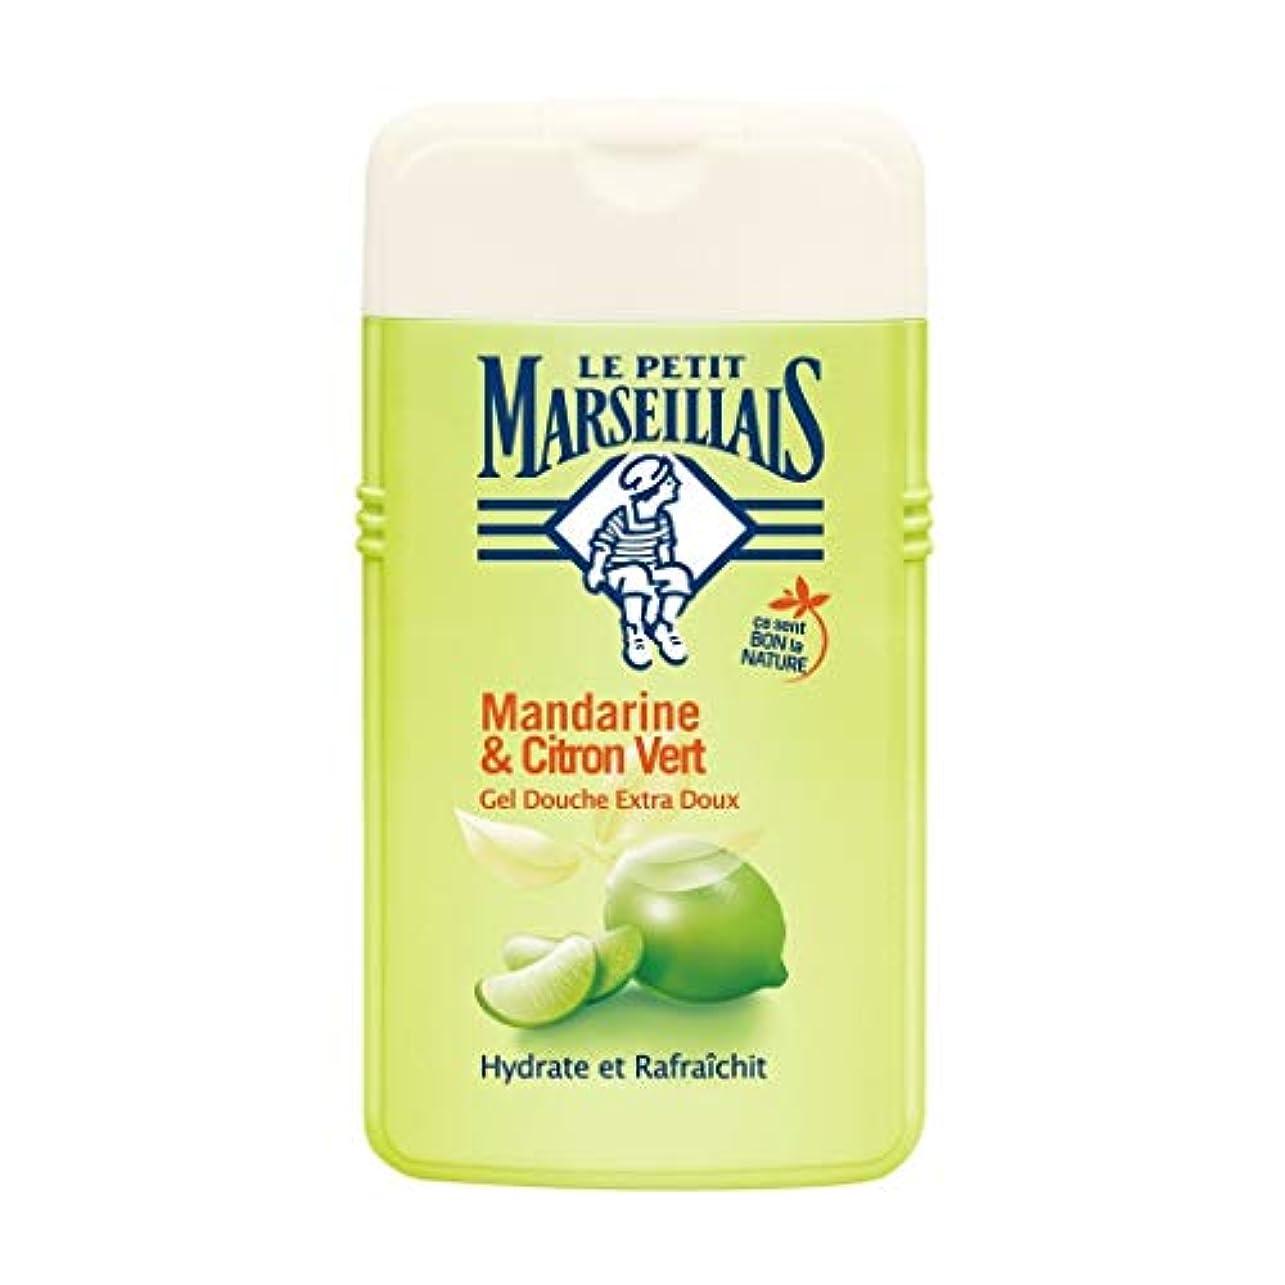 熱帯の満州財団ル プティ マルセイユ Le Petit Marseillais シャワージェル/ボディソープ (マンダリンオレンジ と ライム, 250 ml)